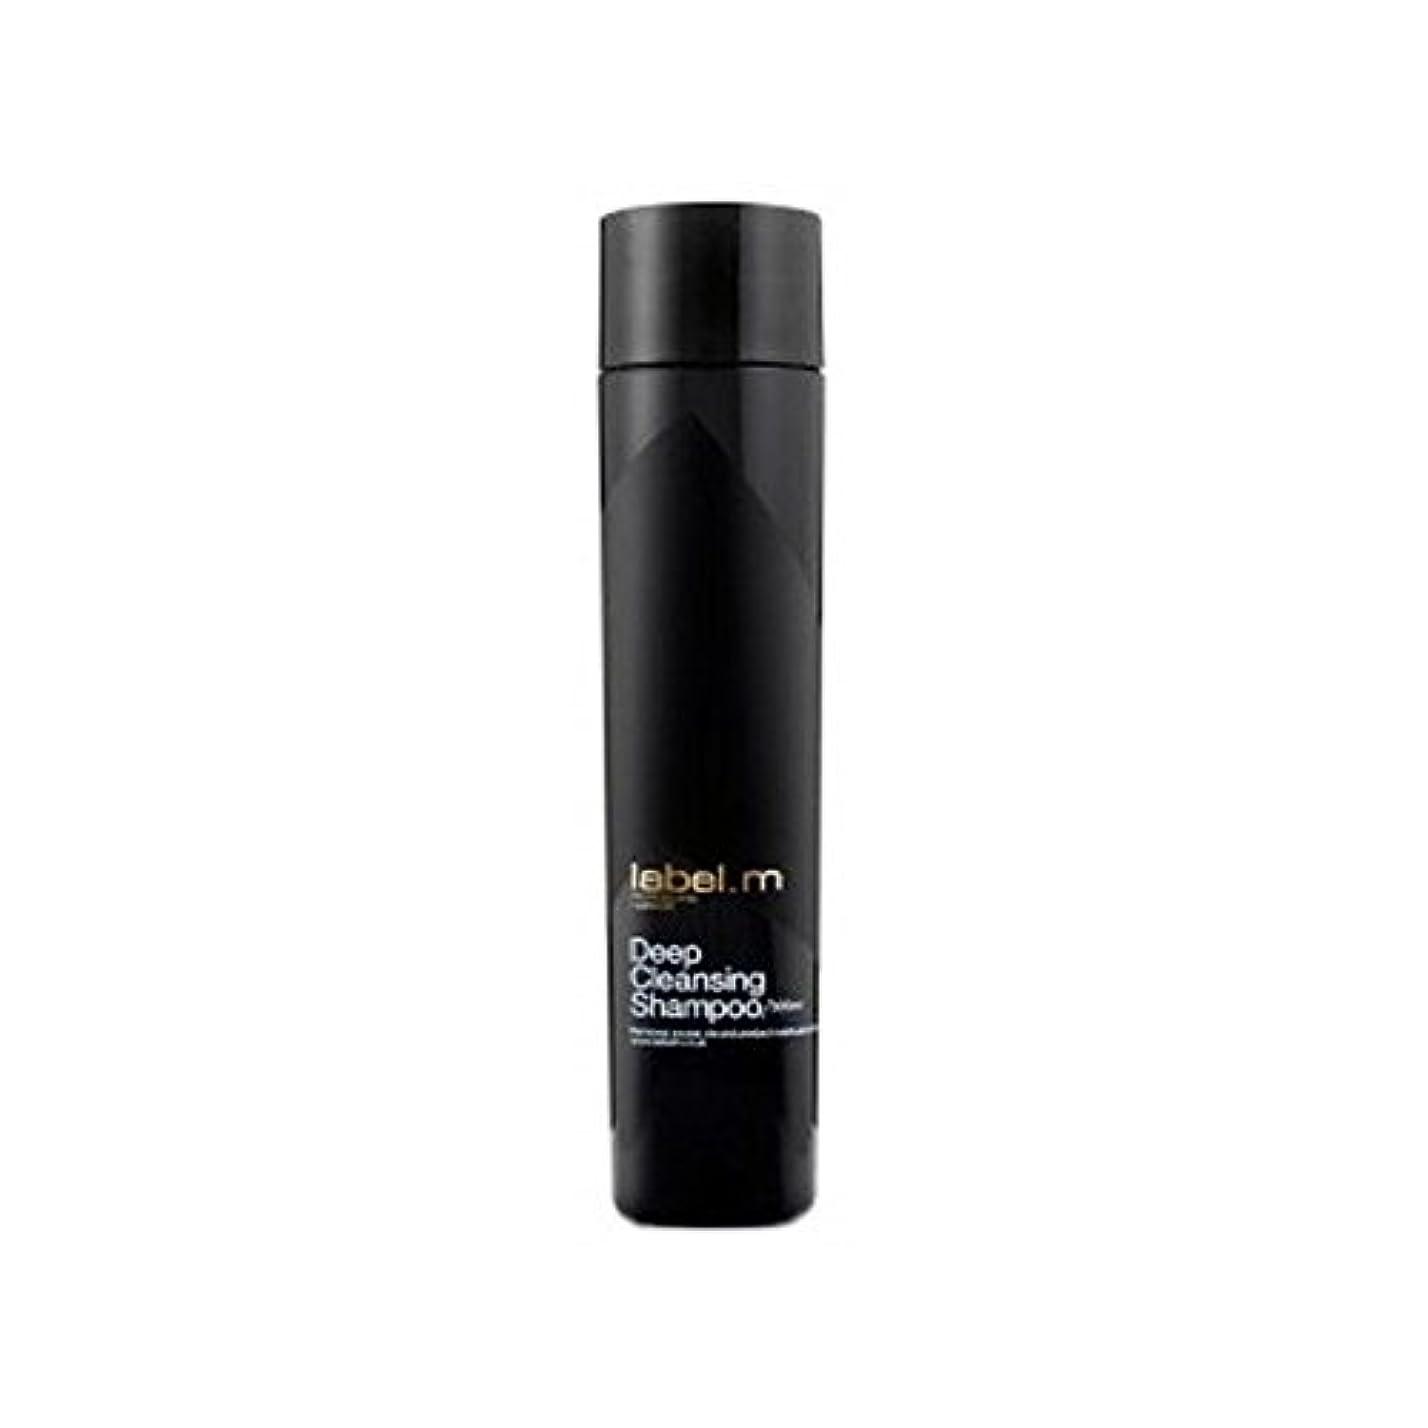 私のダーリン優勢Label.M Deep Cleansing Shampoo (300ml) (Pack of 6) - .ディープクレンジングシャンプー(300ミリリットル) x6 [並行輸入品]